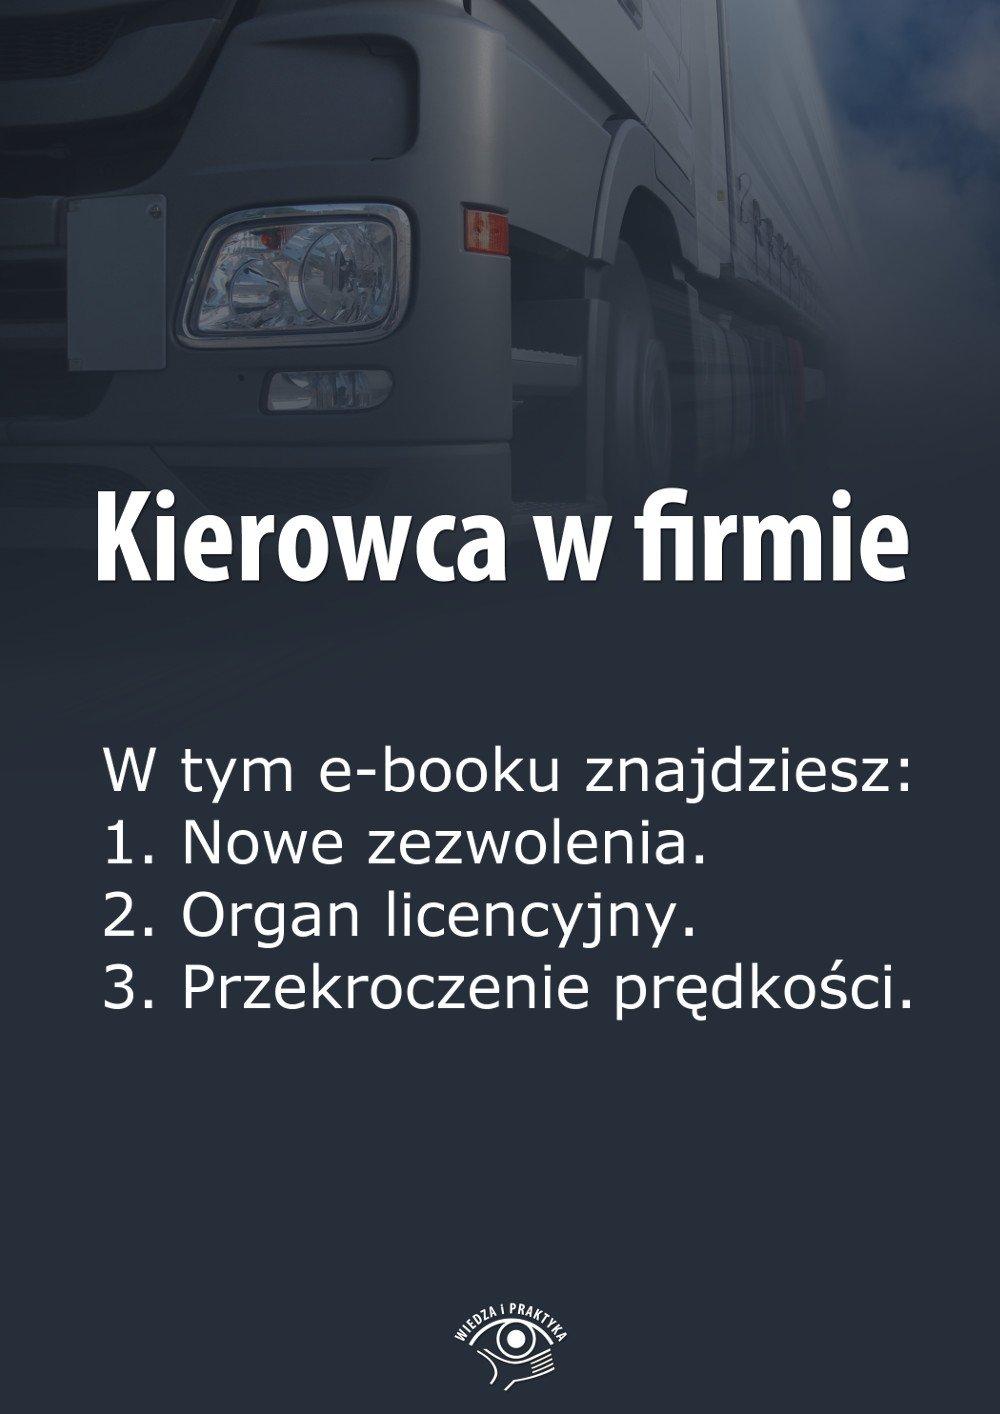 Kierowca w firmie. Wydanie maj 2014 r. - Ebook (Książka EPUB) do pobrania w formacie EPUB